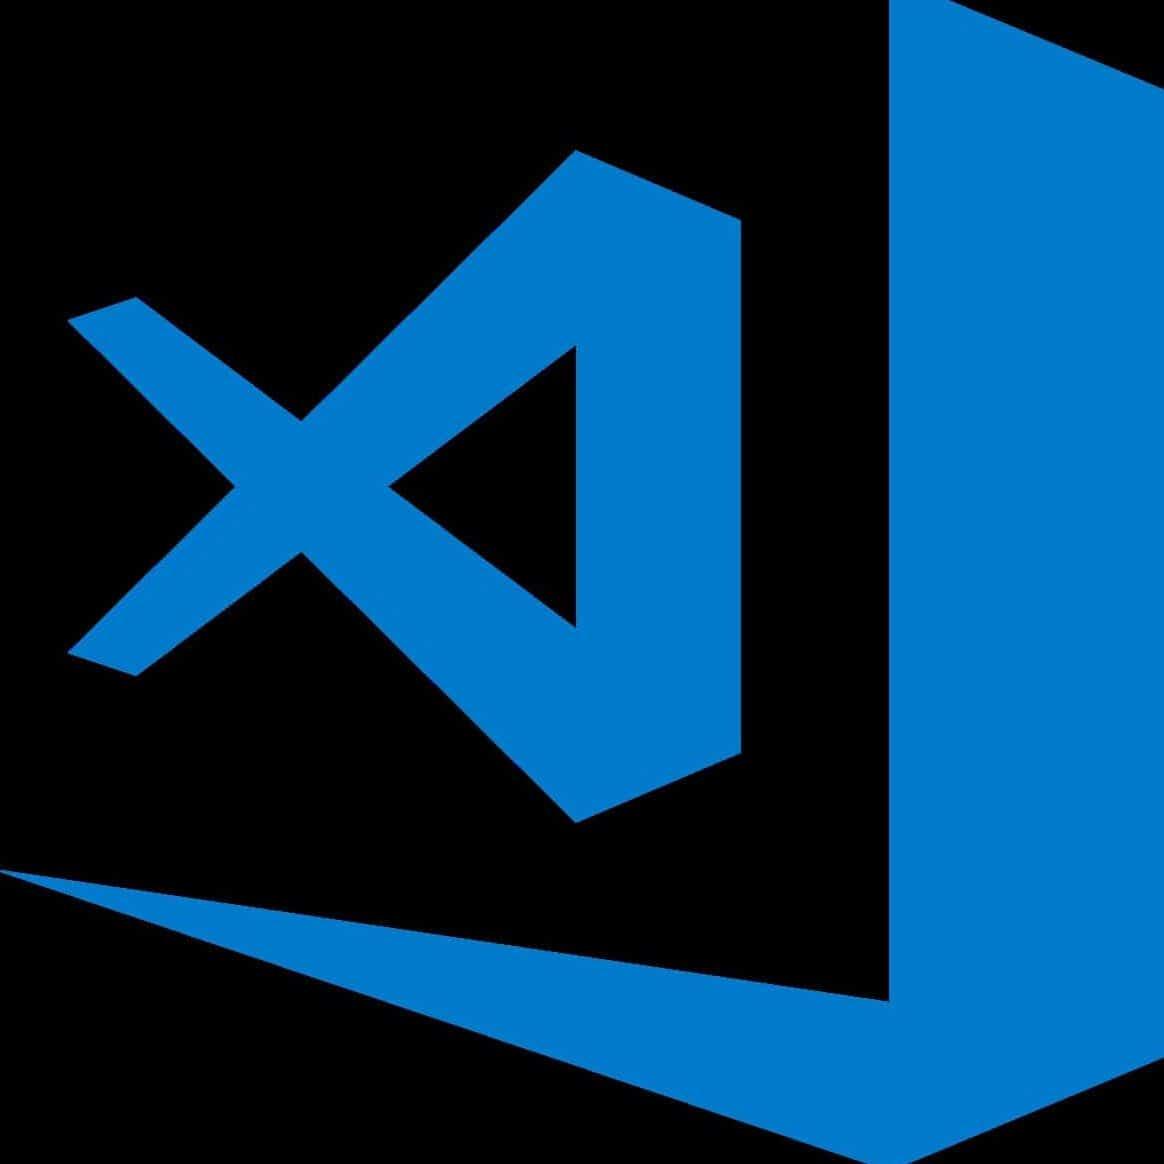 للمطوّرين حصرًا.. إضافات Visual Studio Code عليك استخدامها منذ اليوم!